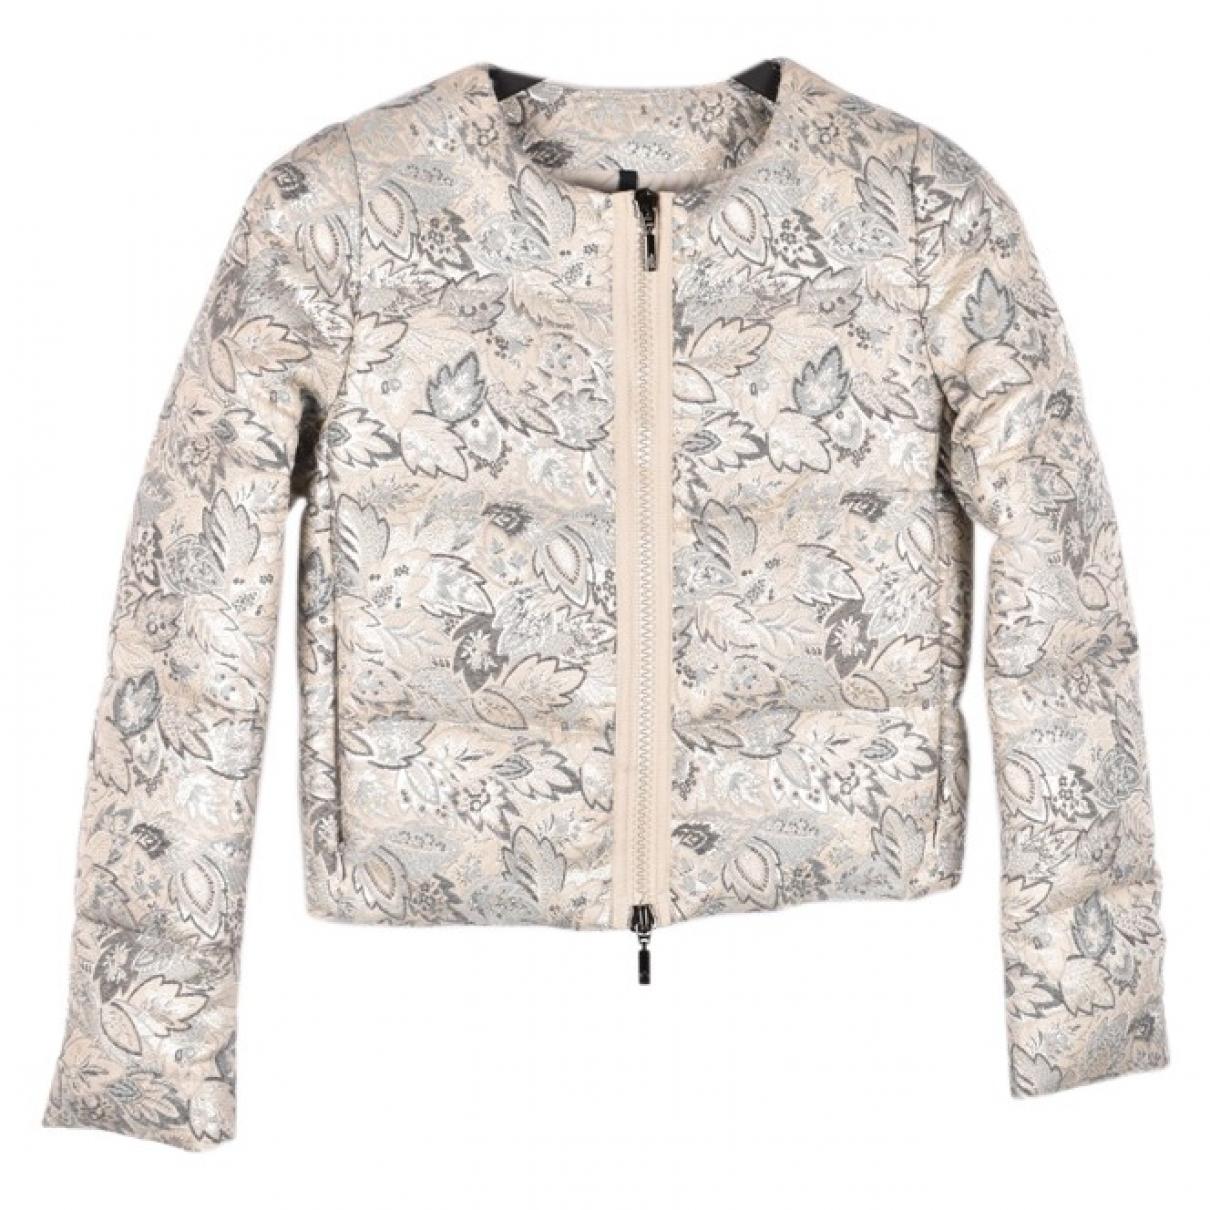 Moncler - Manteau Print pour femme - argente